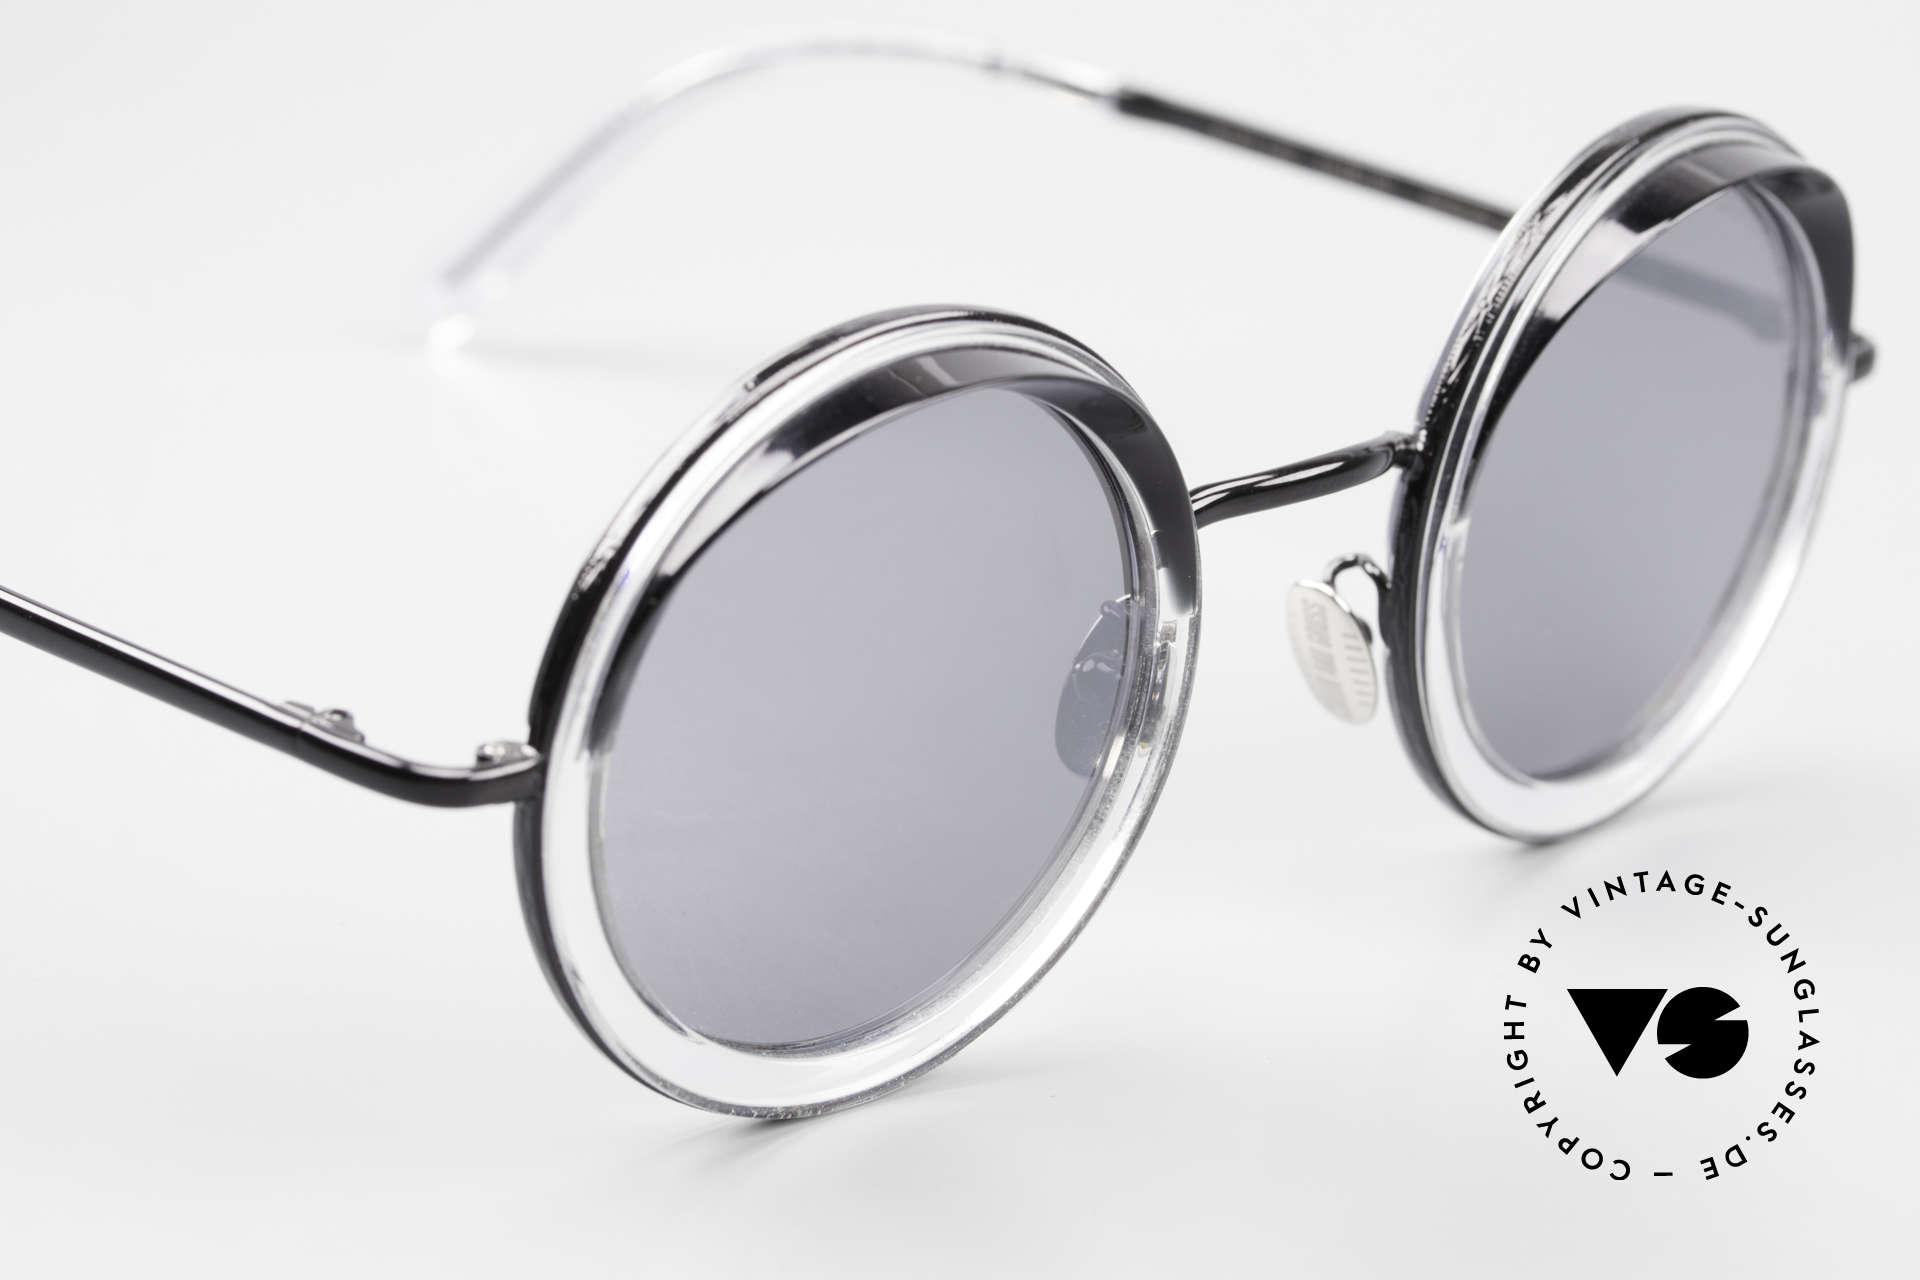 Cutler And Gross 1277 Runde Designer Sonnenbrille, ungetragen; Modell ist auch beliebig optisch verglasbar, Passend für Herren und Damen